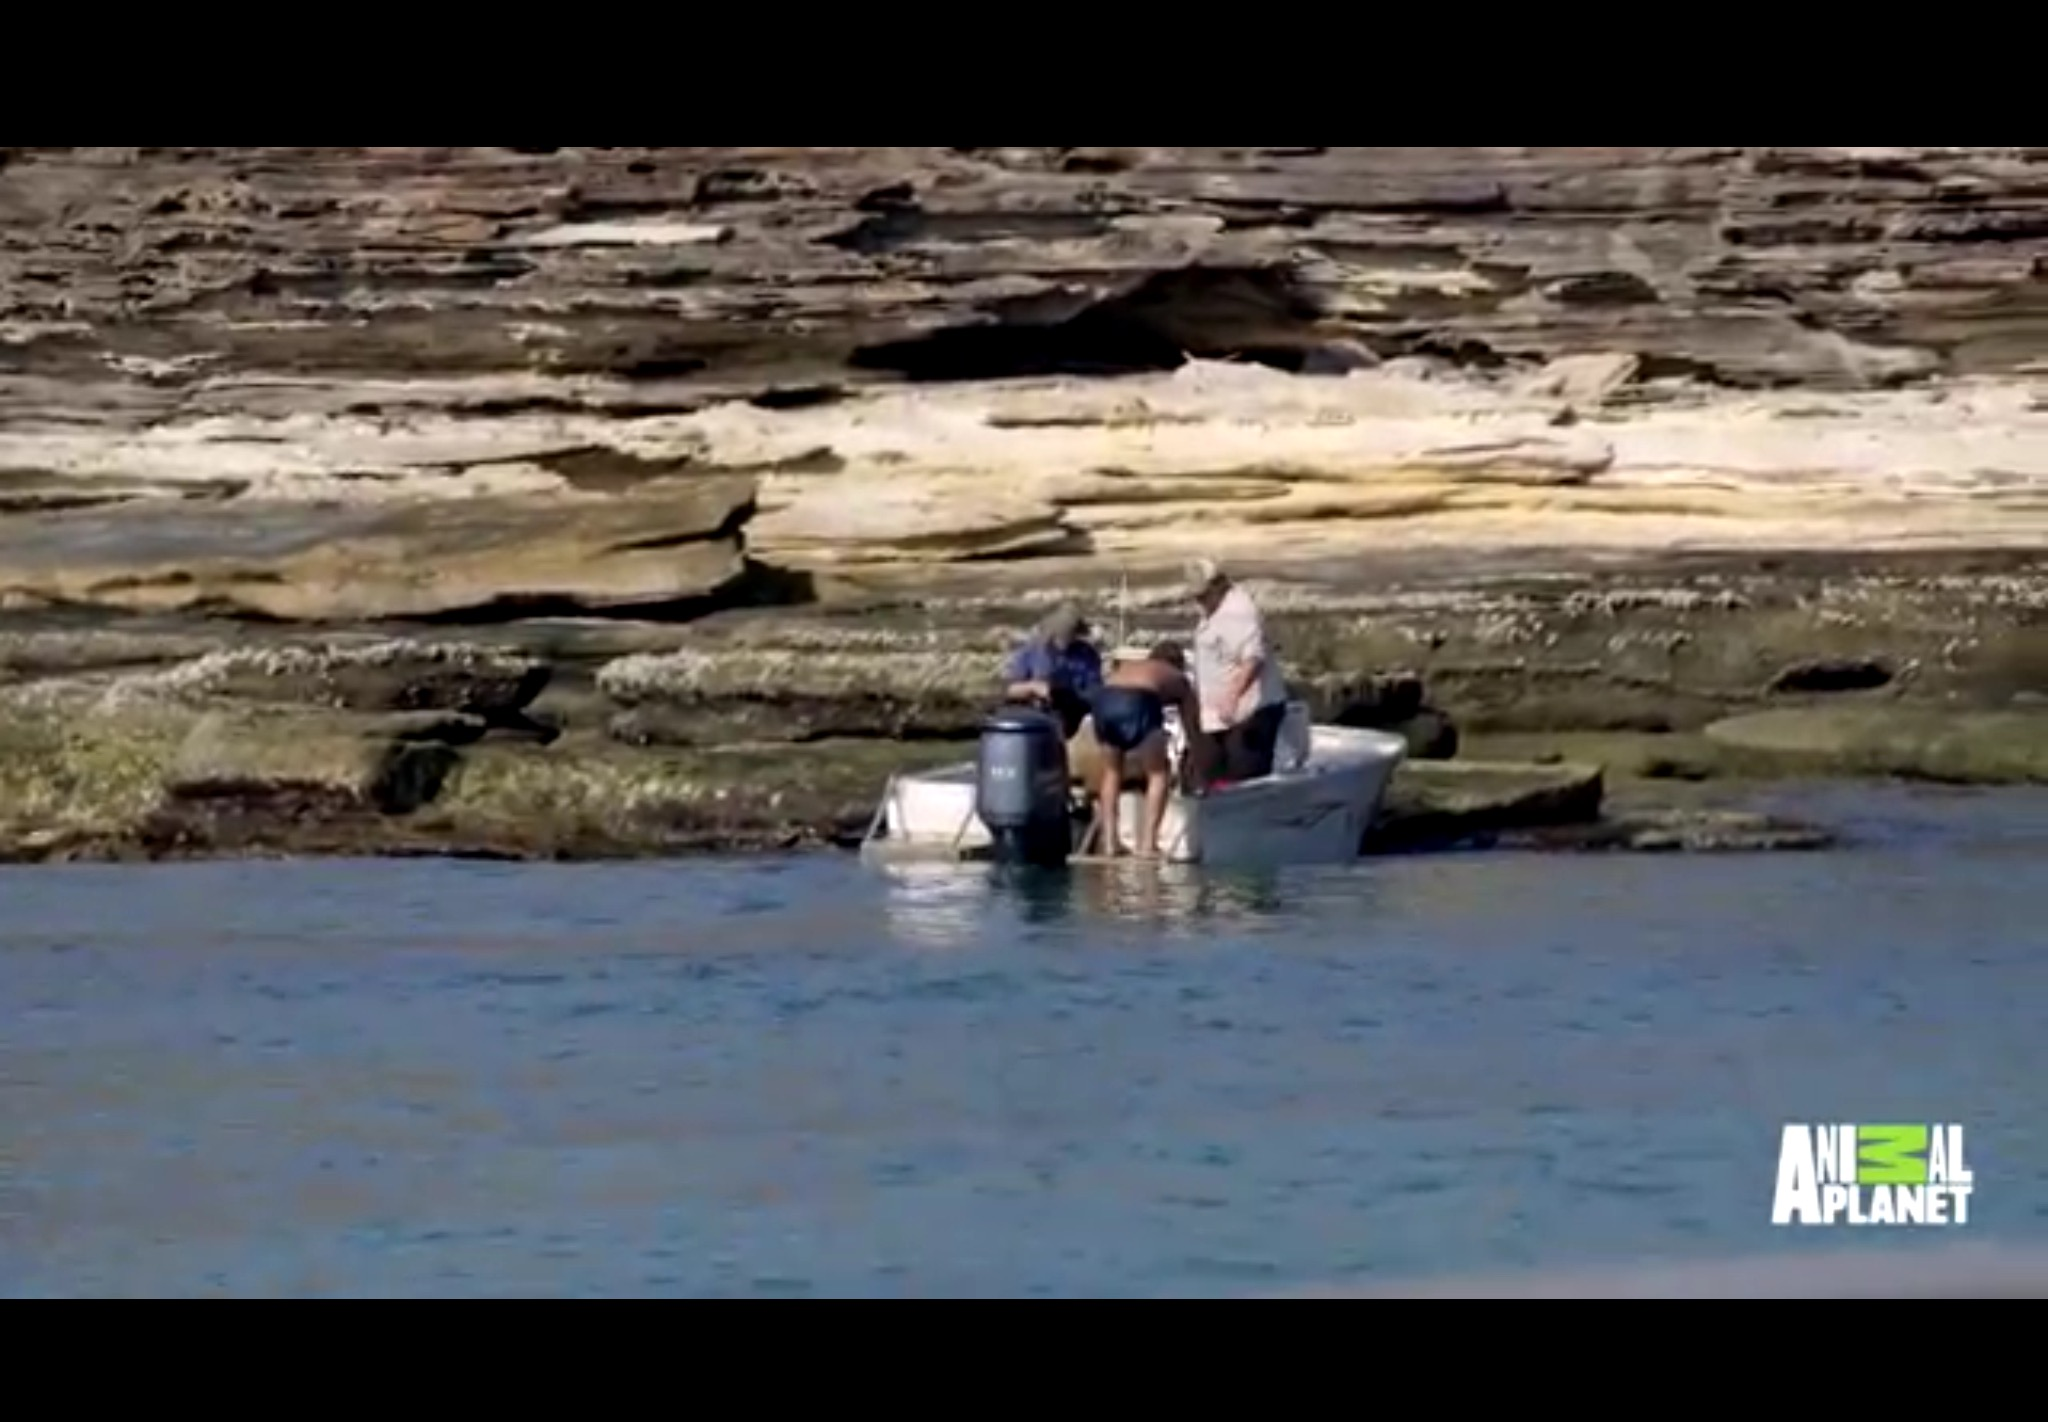 Equipo de Animal Planet encuentra náufrago en isla desierta